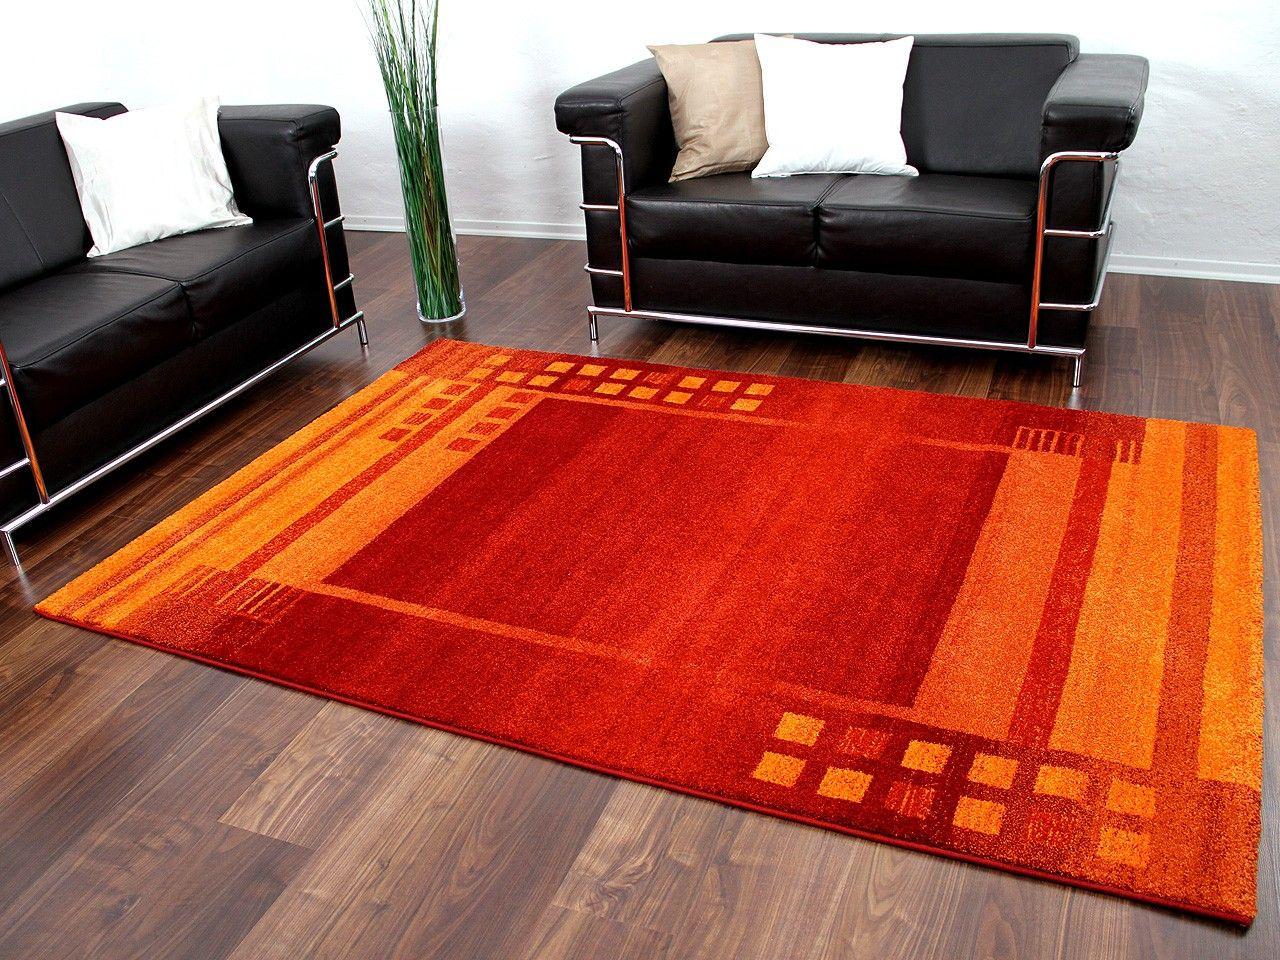 Designer Teppich Gabbeh Rot Orange Bordüre EinzelstÜck Teppiche Nepal Und Gabbeh Teppiche Gabbeh Teppiche Modern Teppich Design Teppich Designer